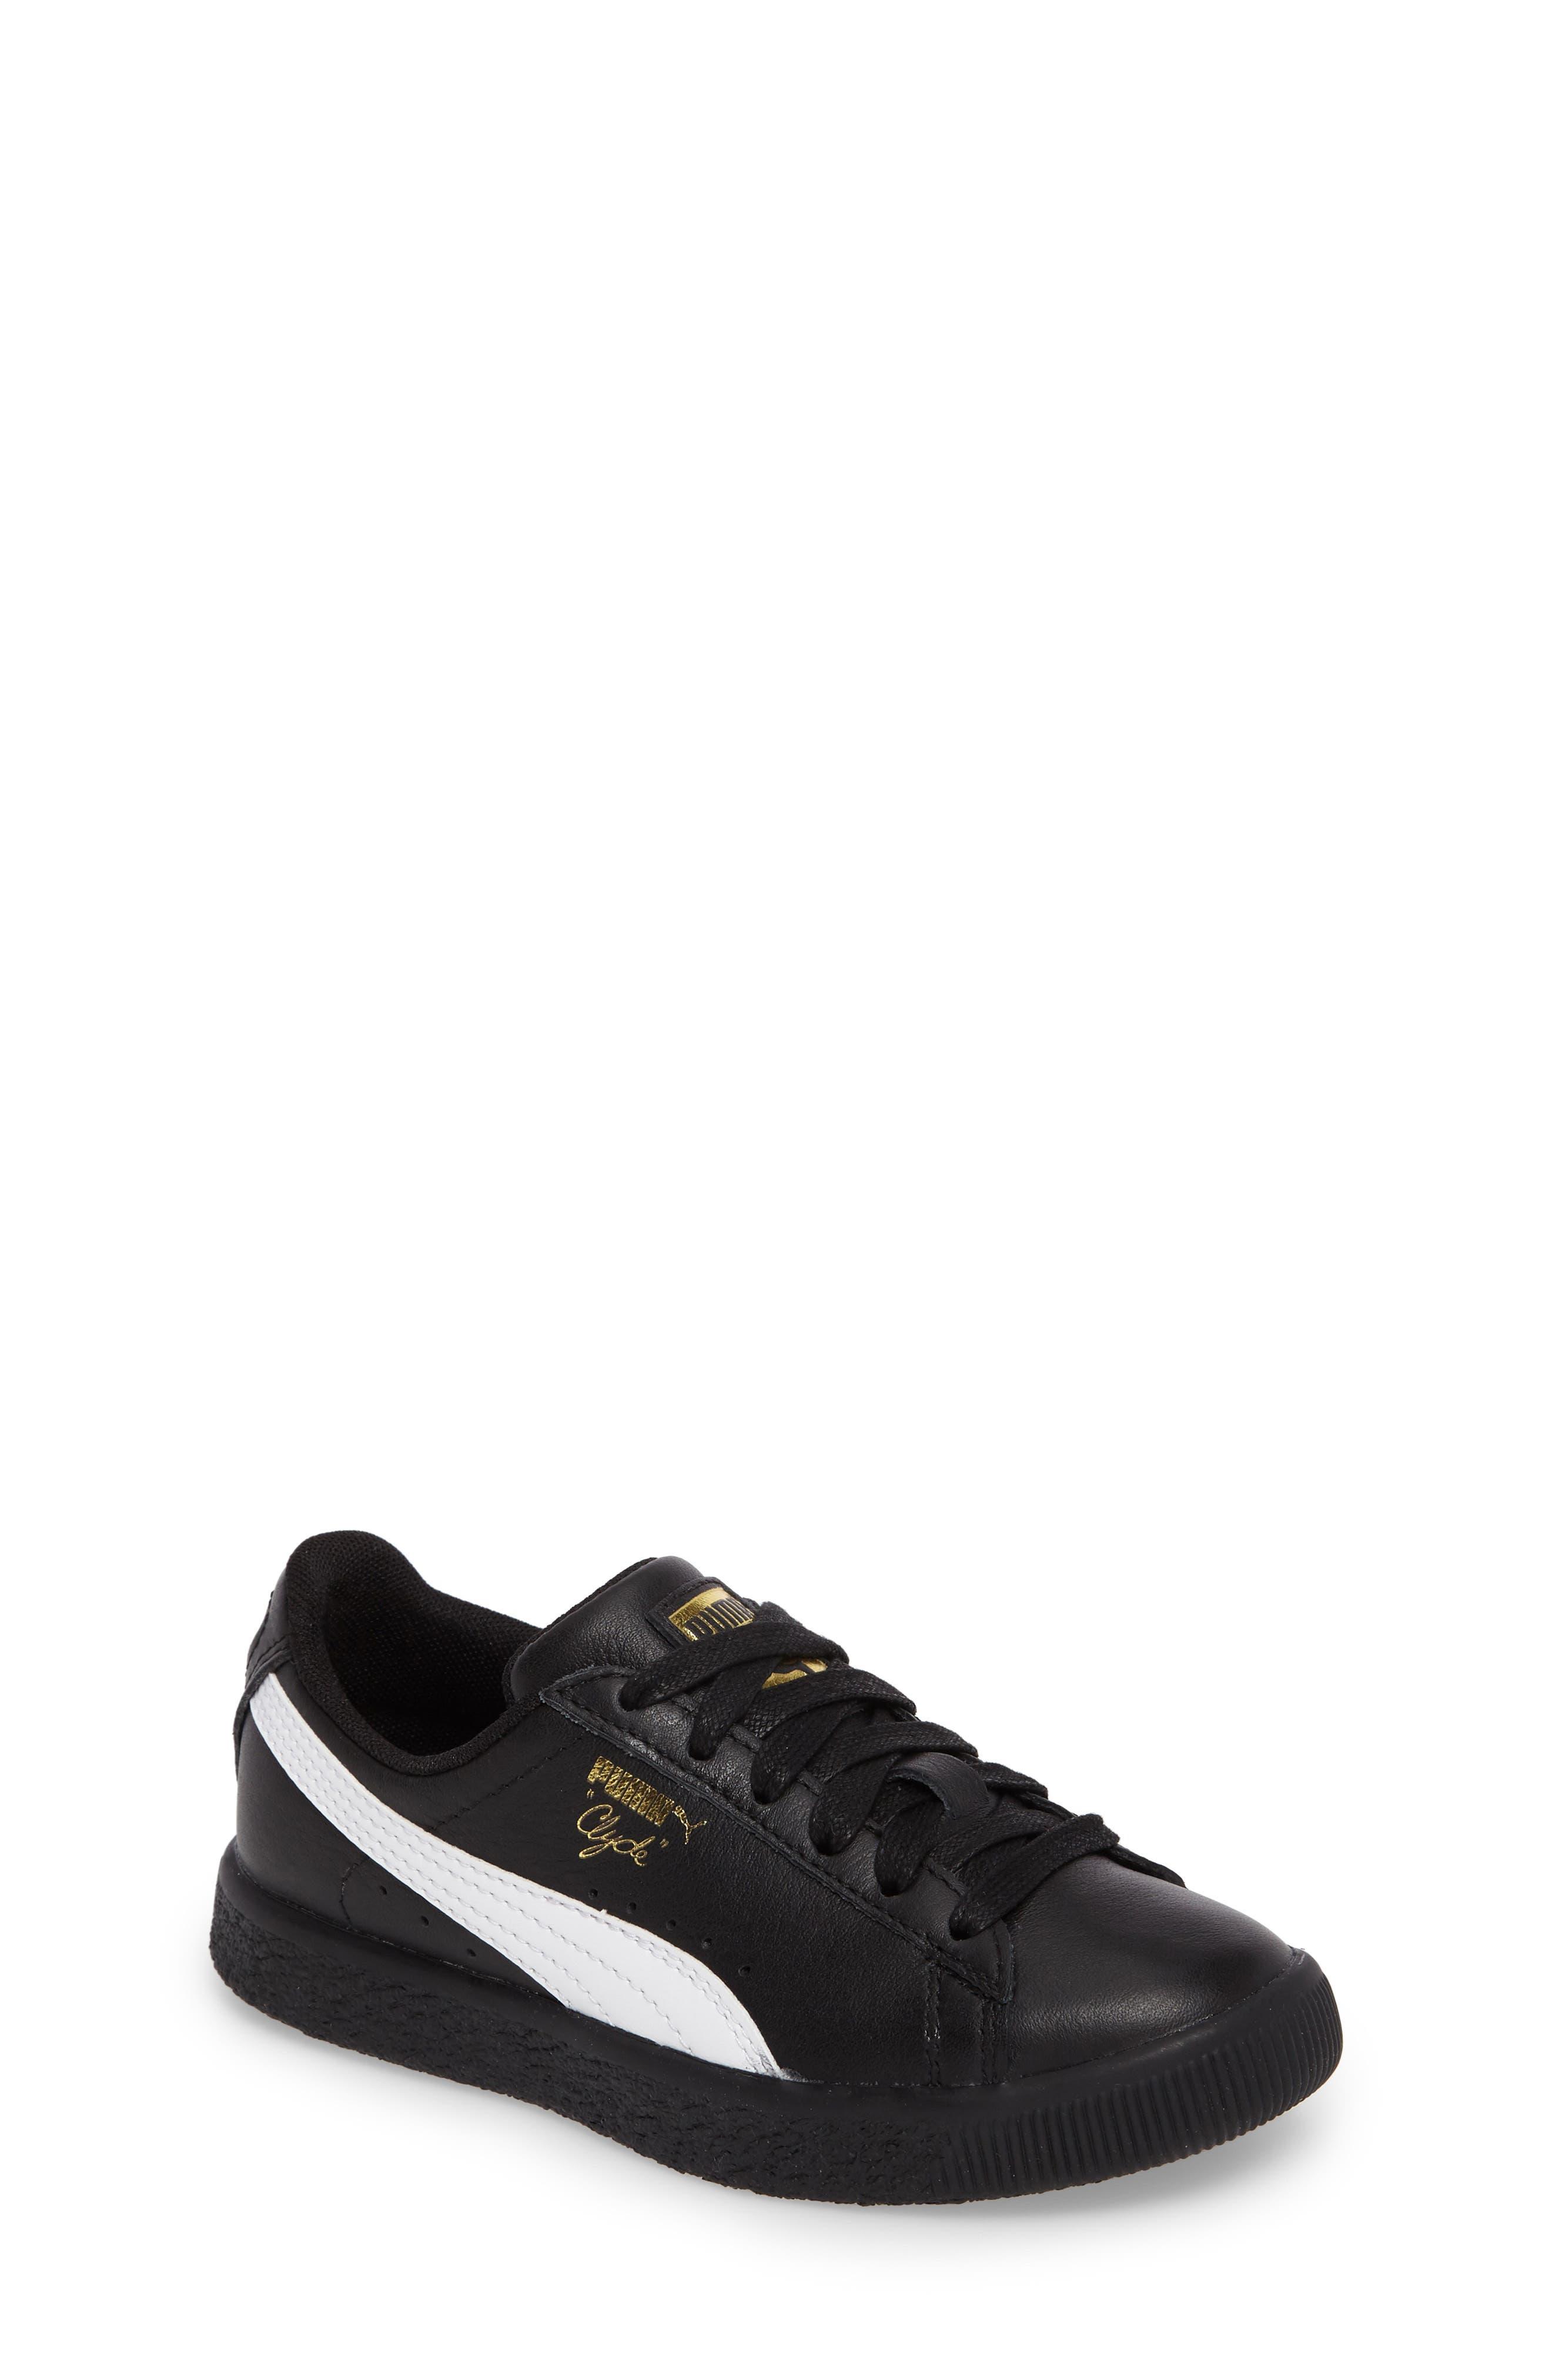 PUMA Clyde Core Foil Sneaker